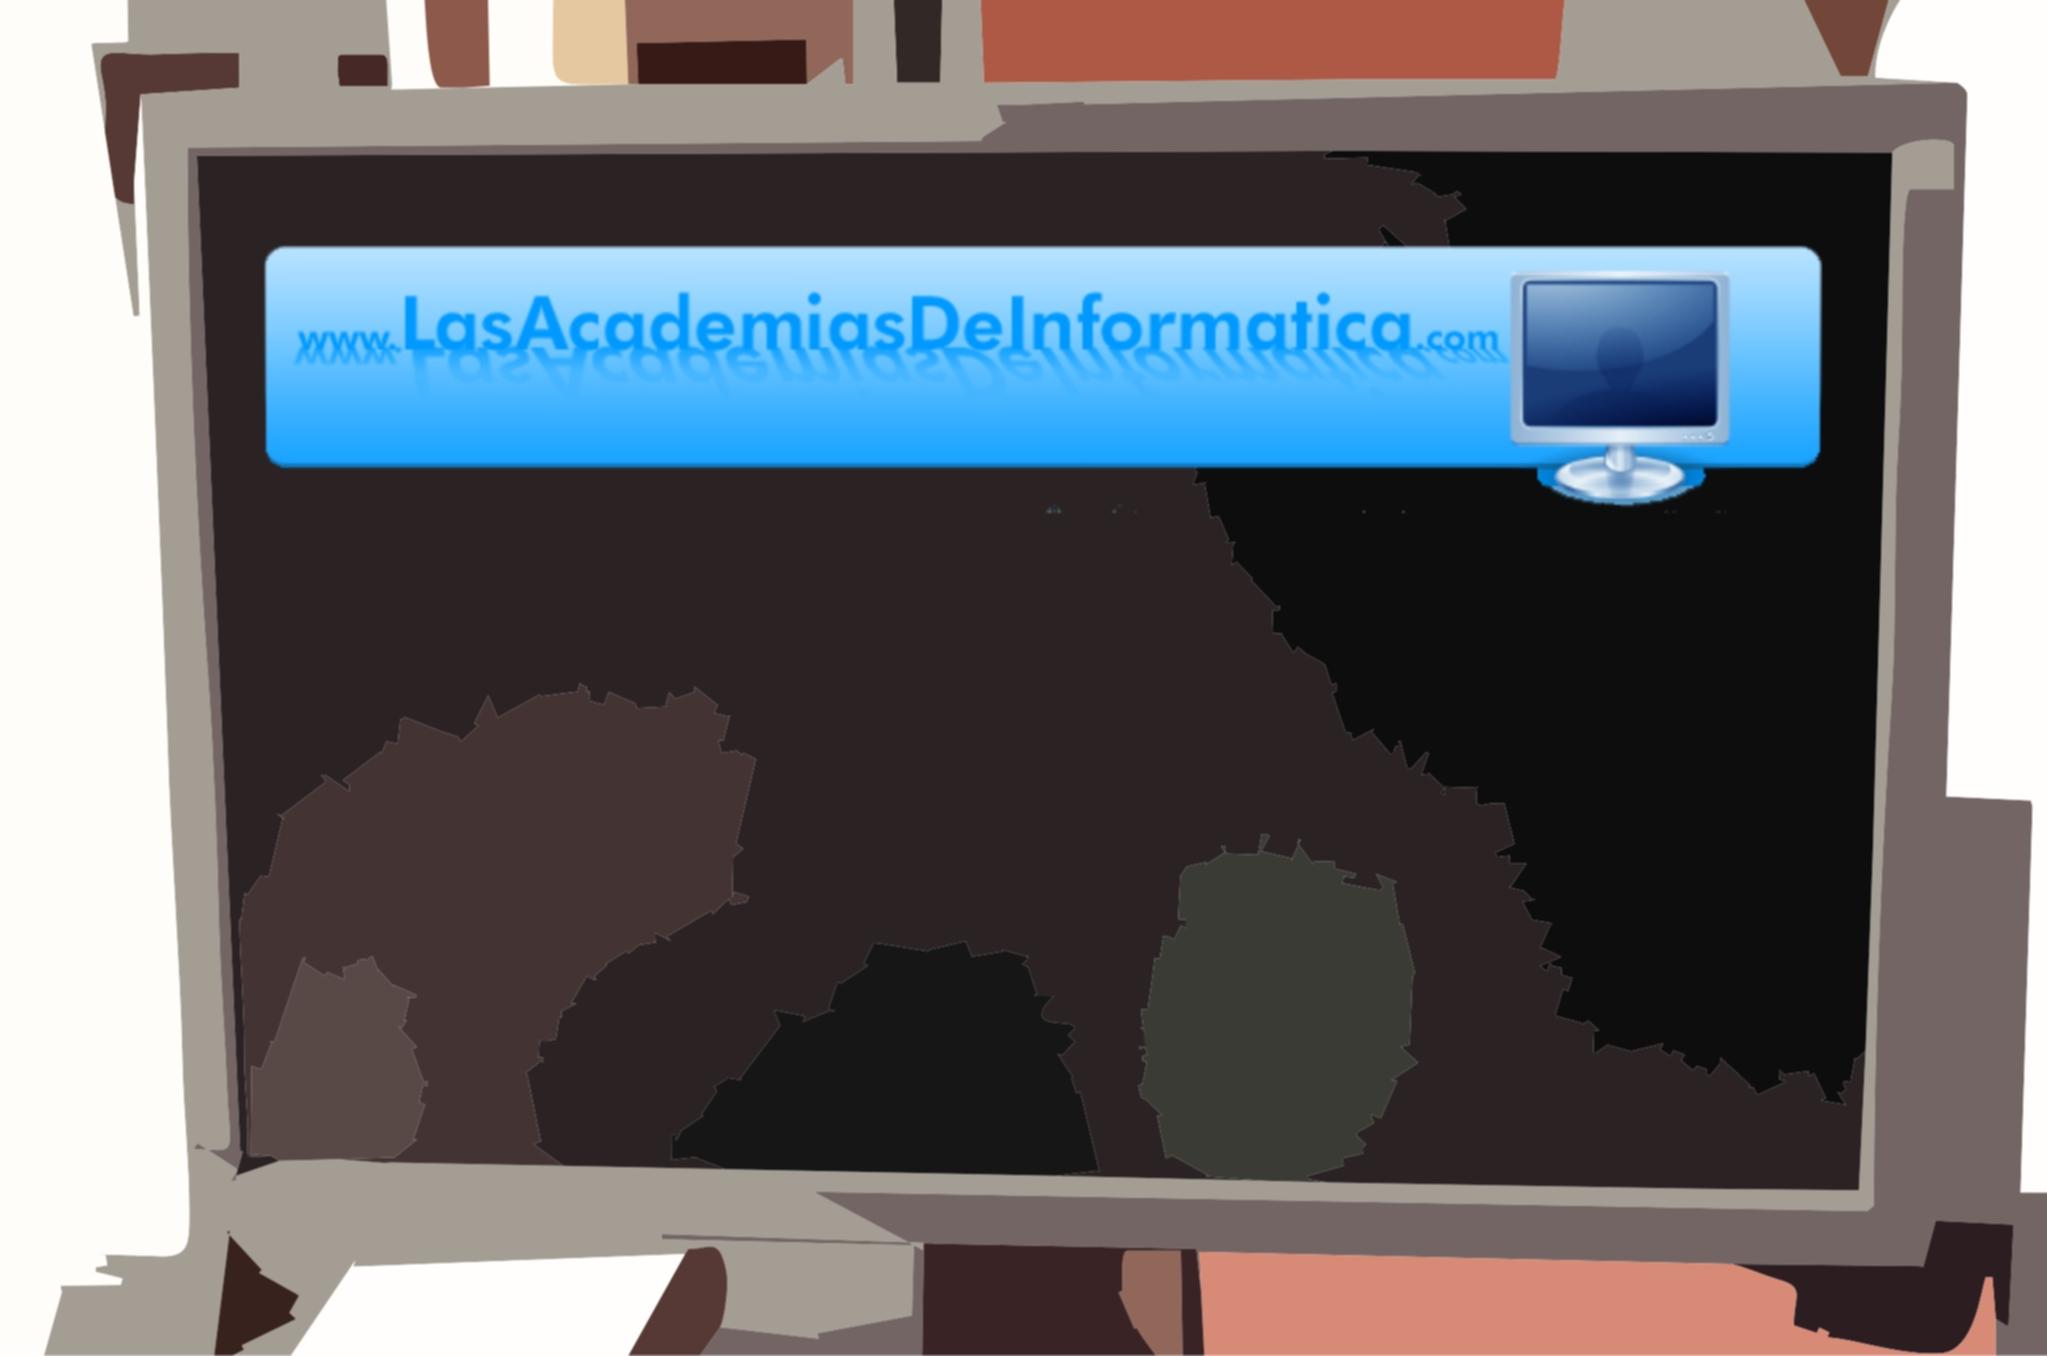 lasacademiasdeinformatica